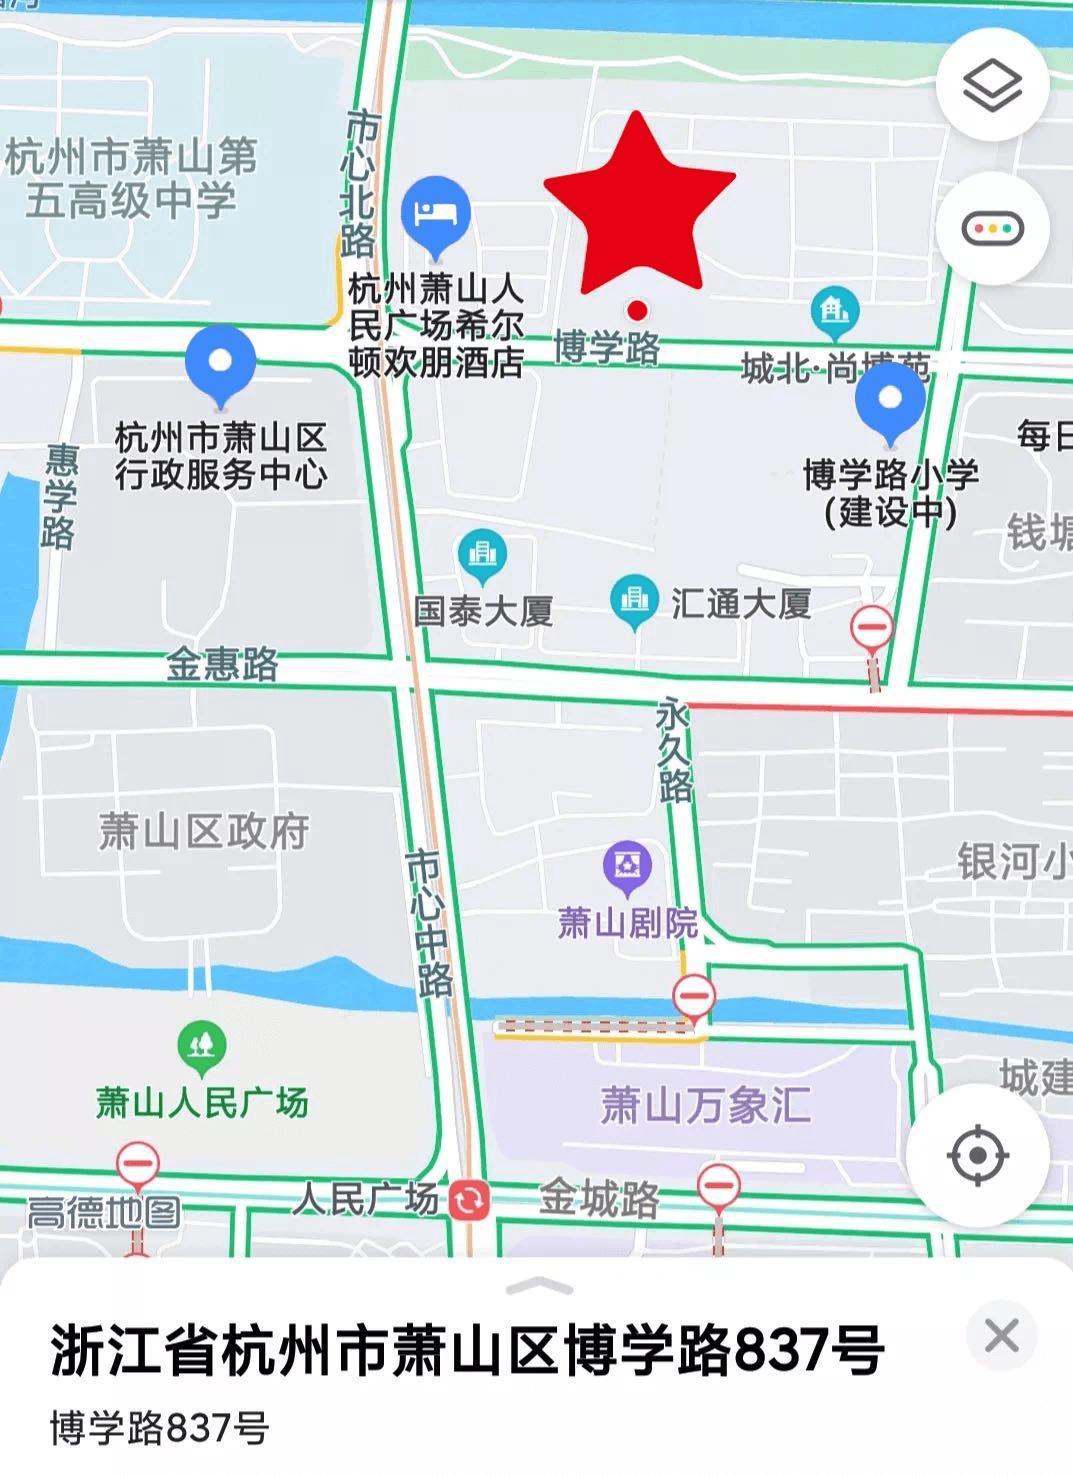 杭州市萧山区人民法院立案庭(诉讼服务中心)搬迁公告